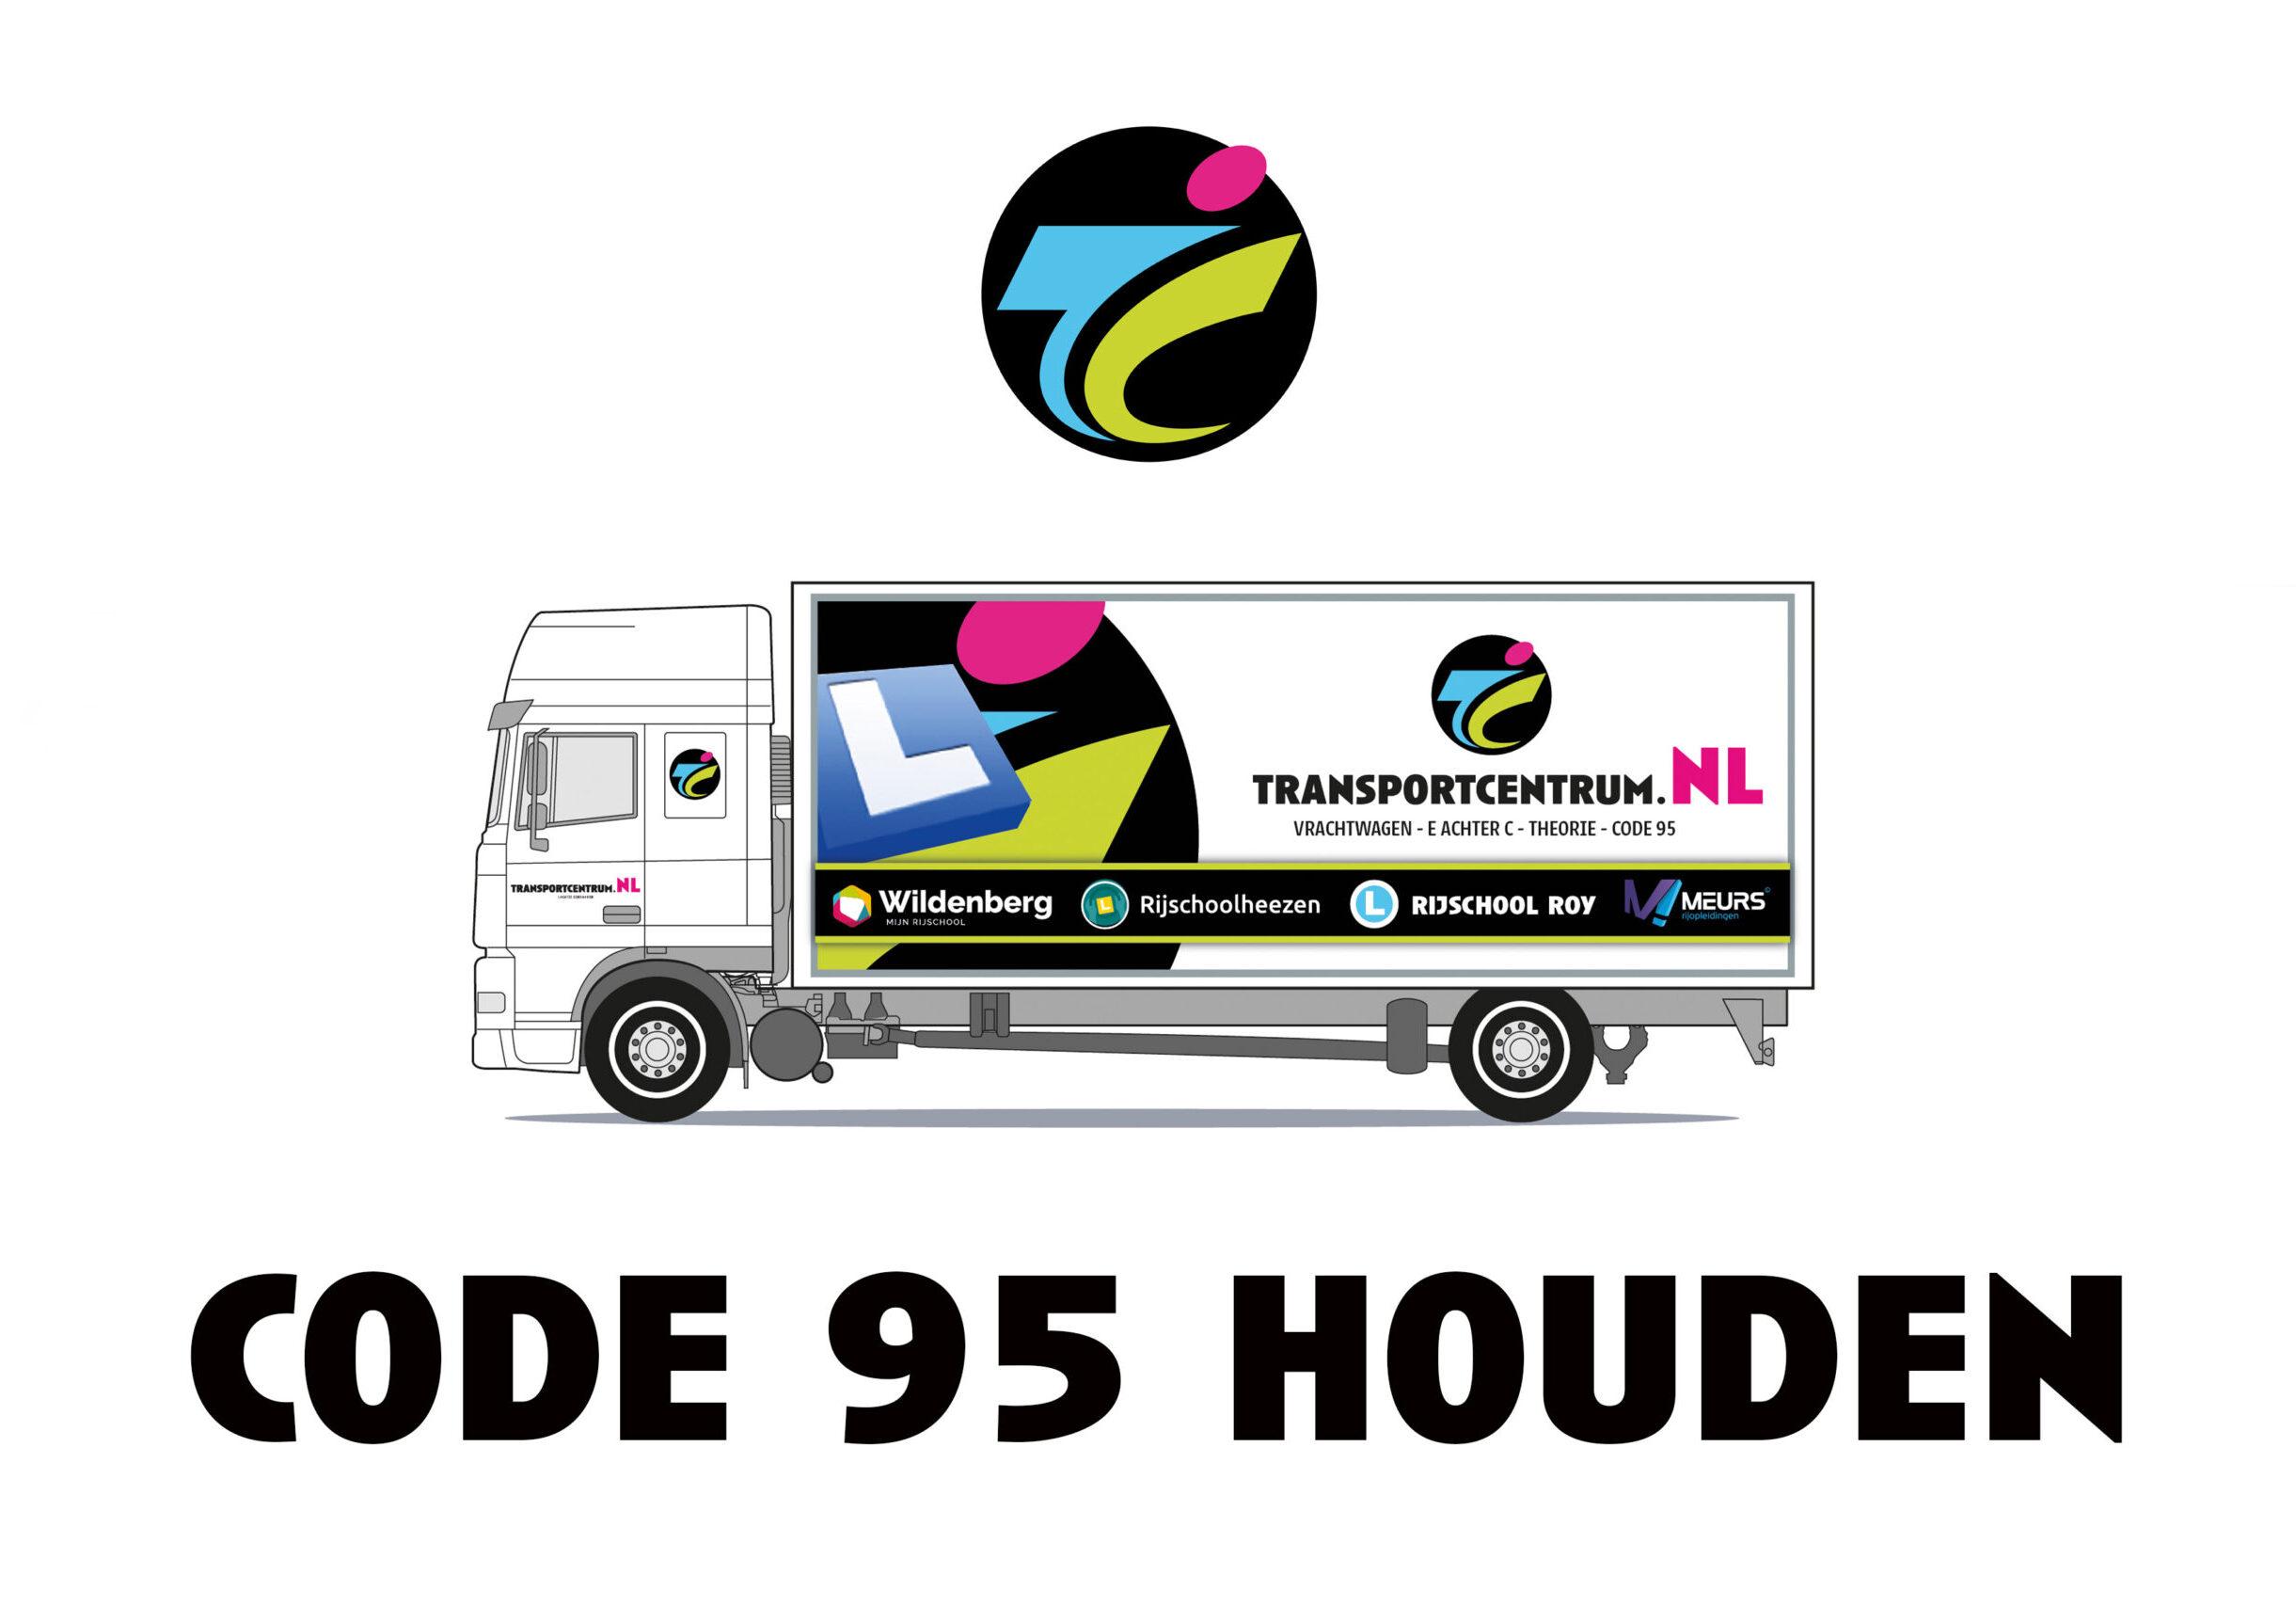 Knop Code 95 Houden